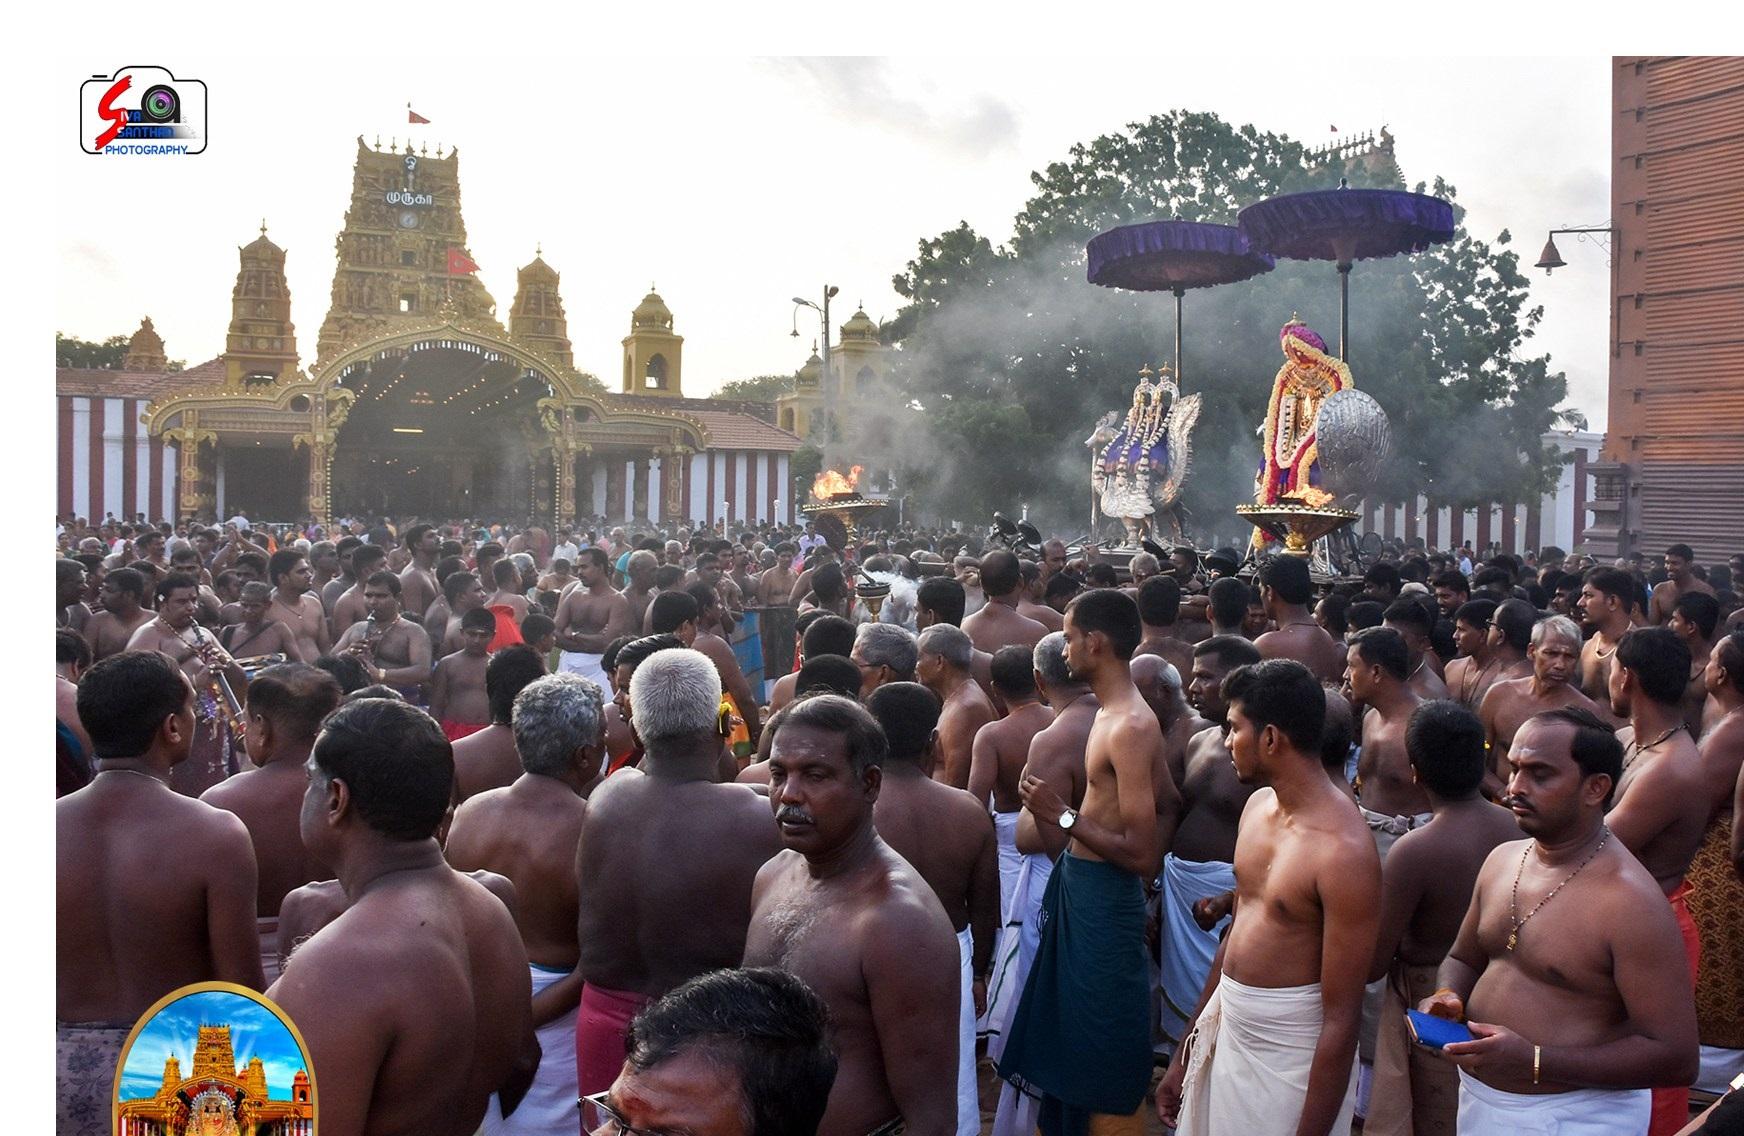 நல்லூர் கந்தசுவாமி ஆலய 3ஆம் திருவிழா(30.07.2017)